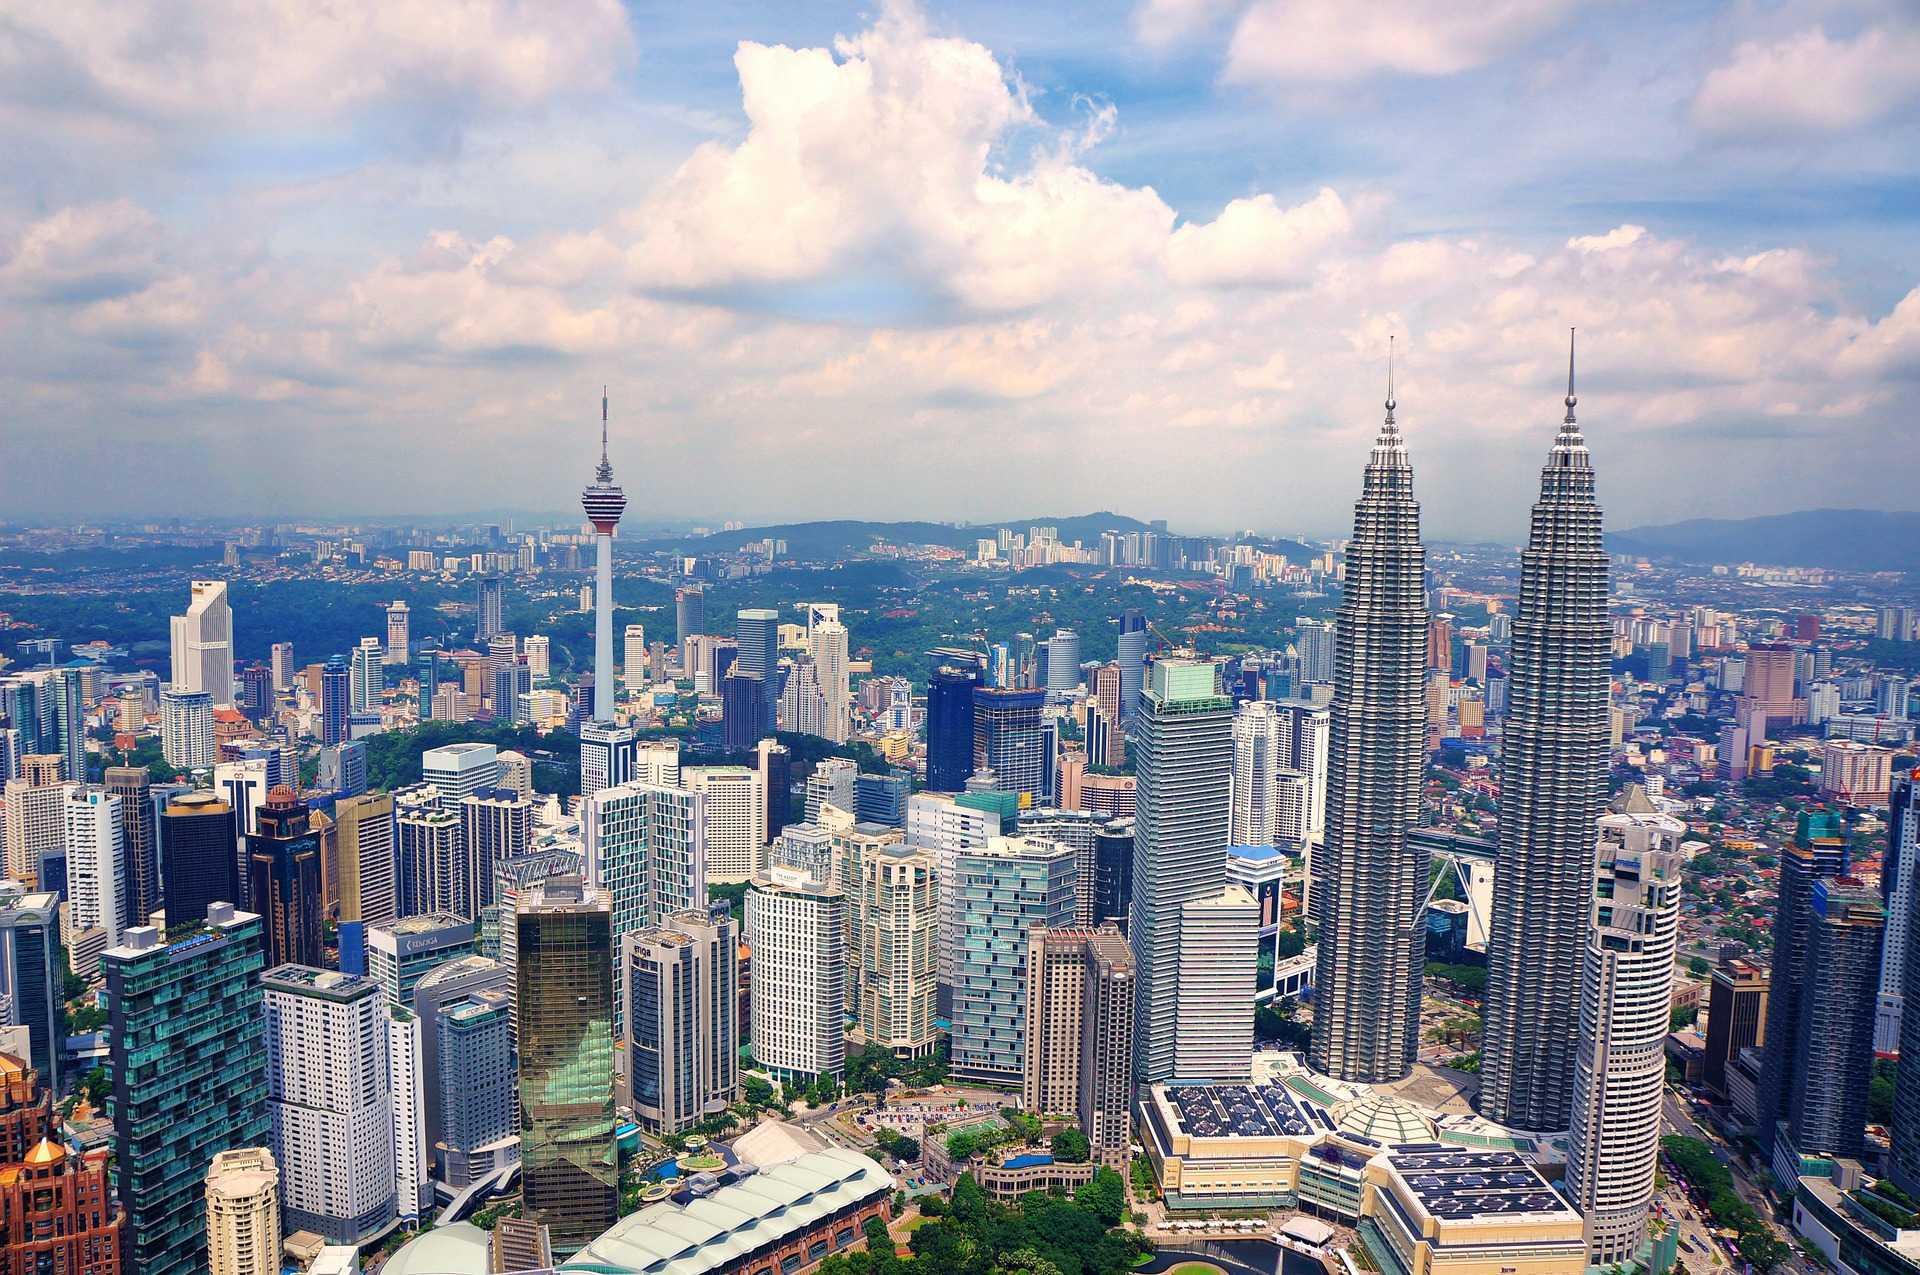 Buildings Malaysia City Urban Cityscape Skyline